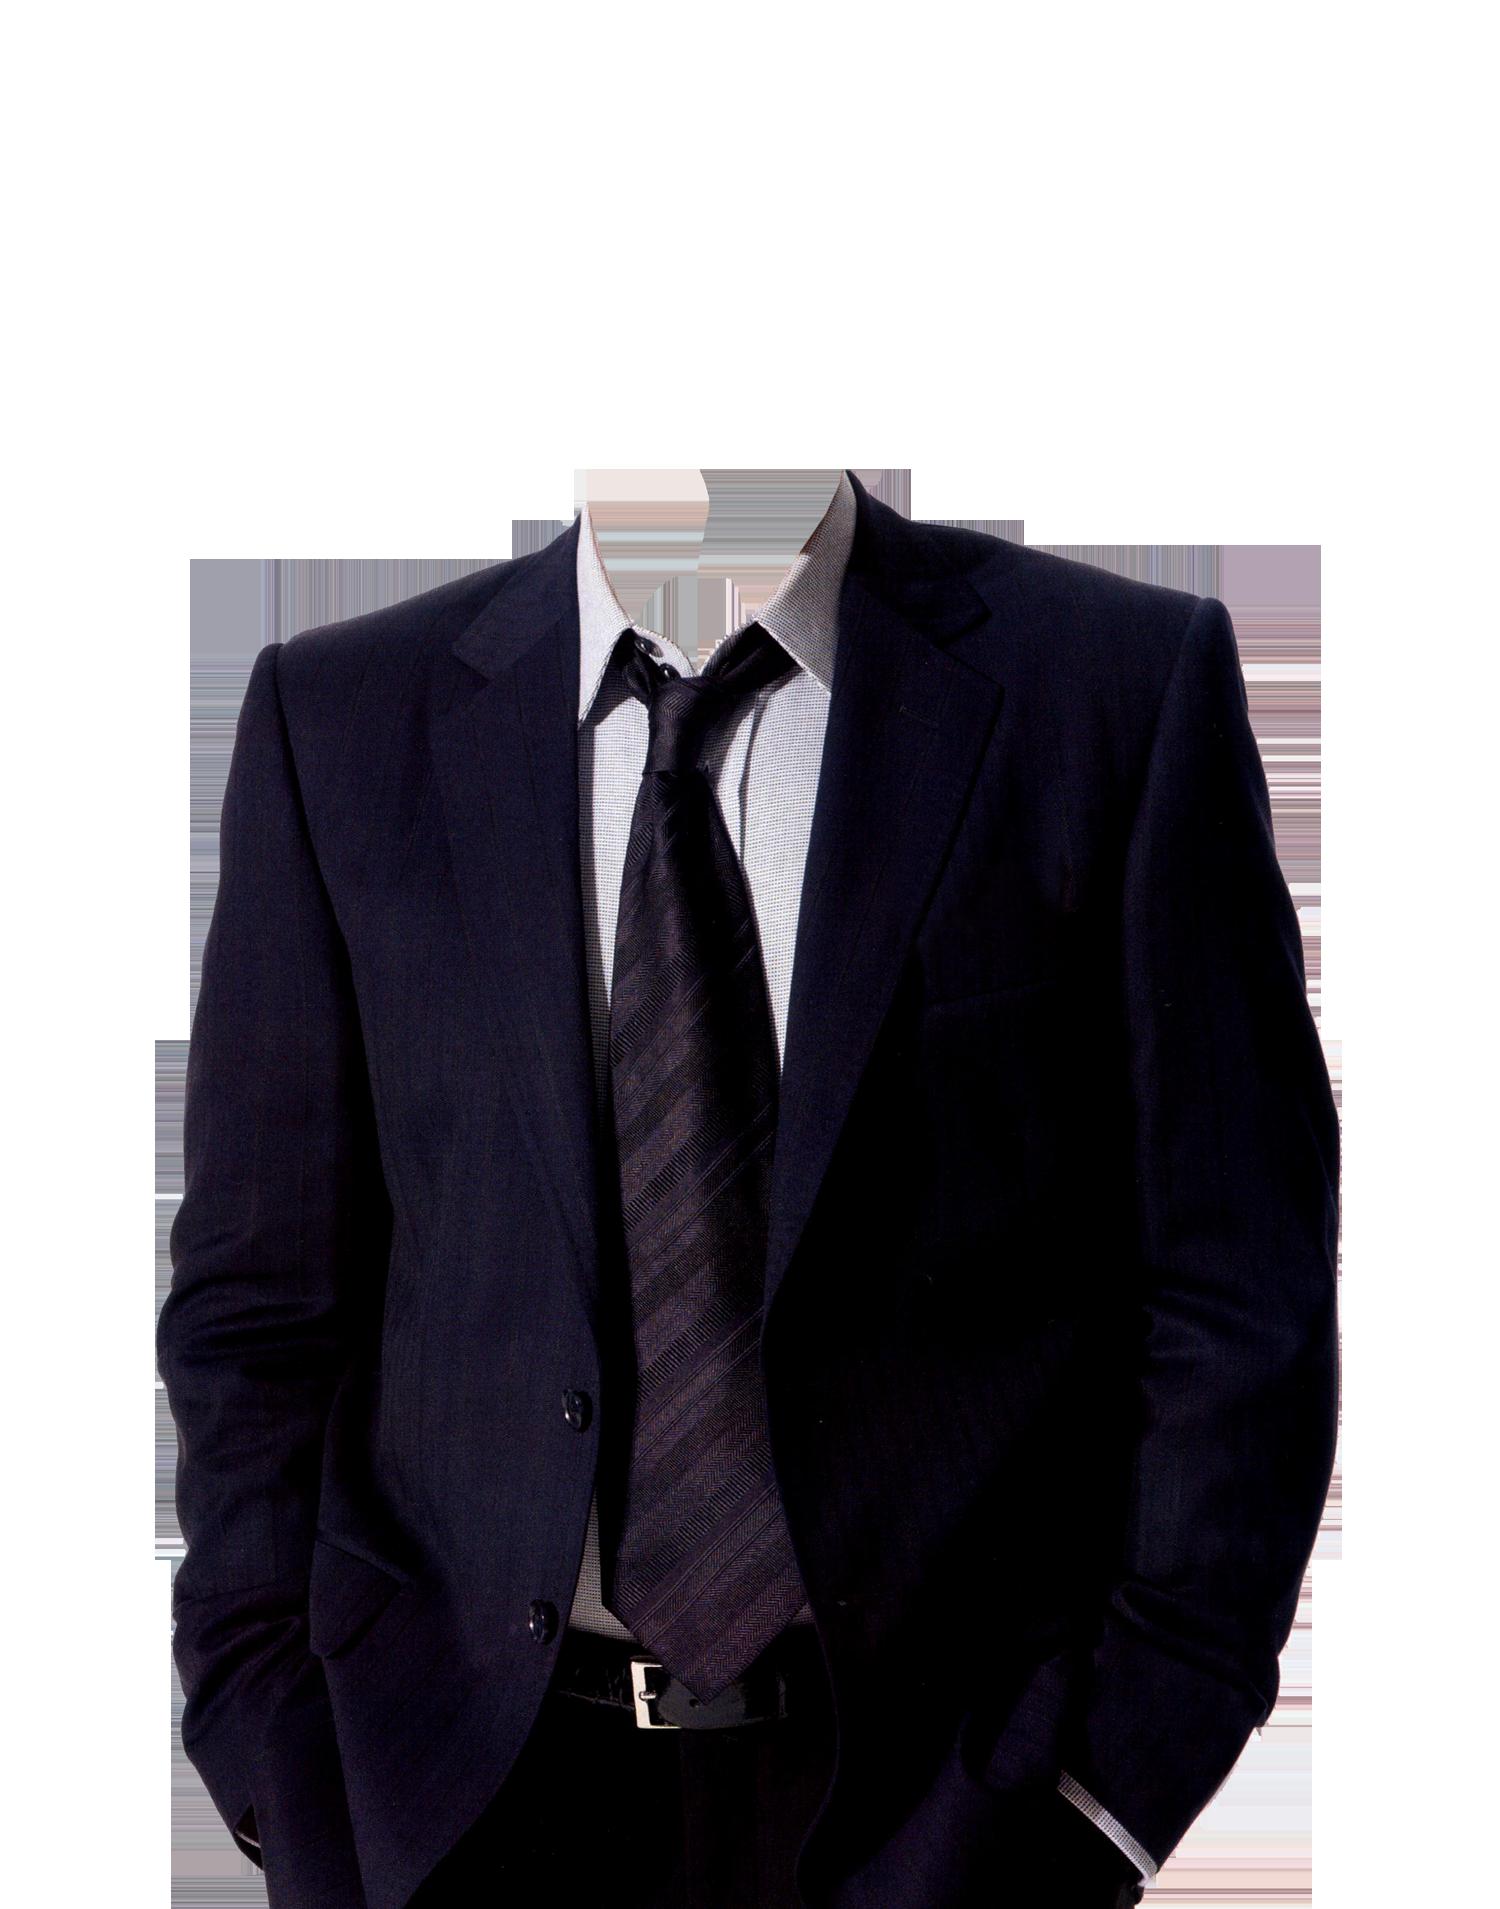 Pants clipart coat pant. Suit png images free